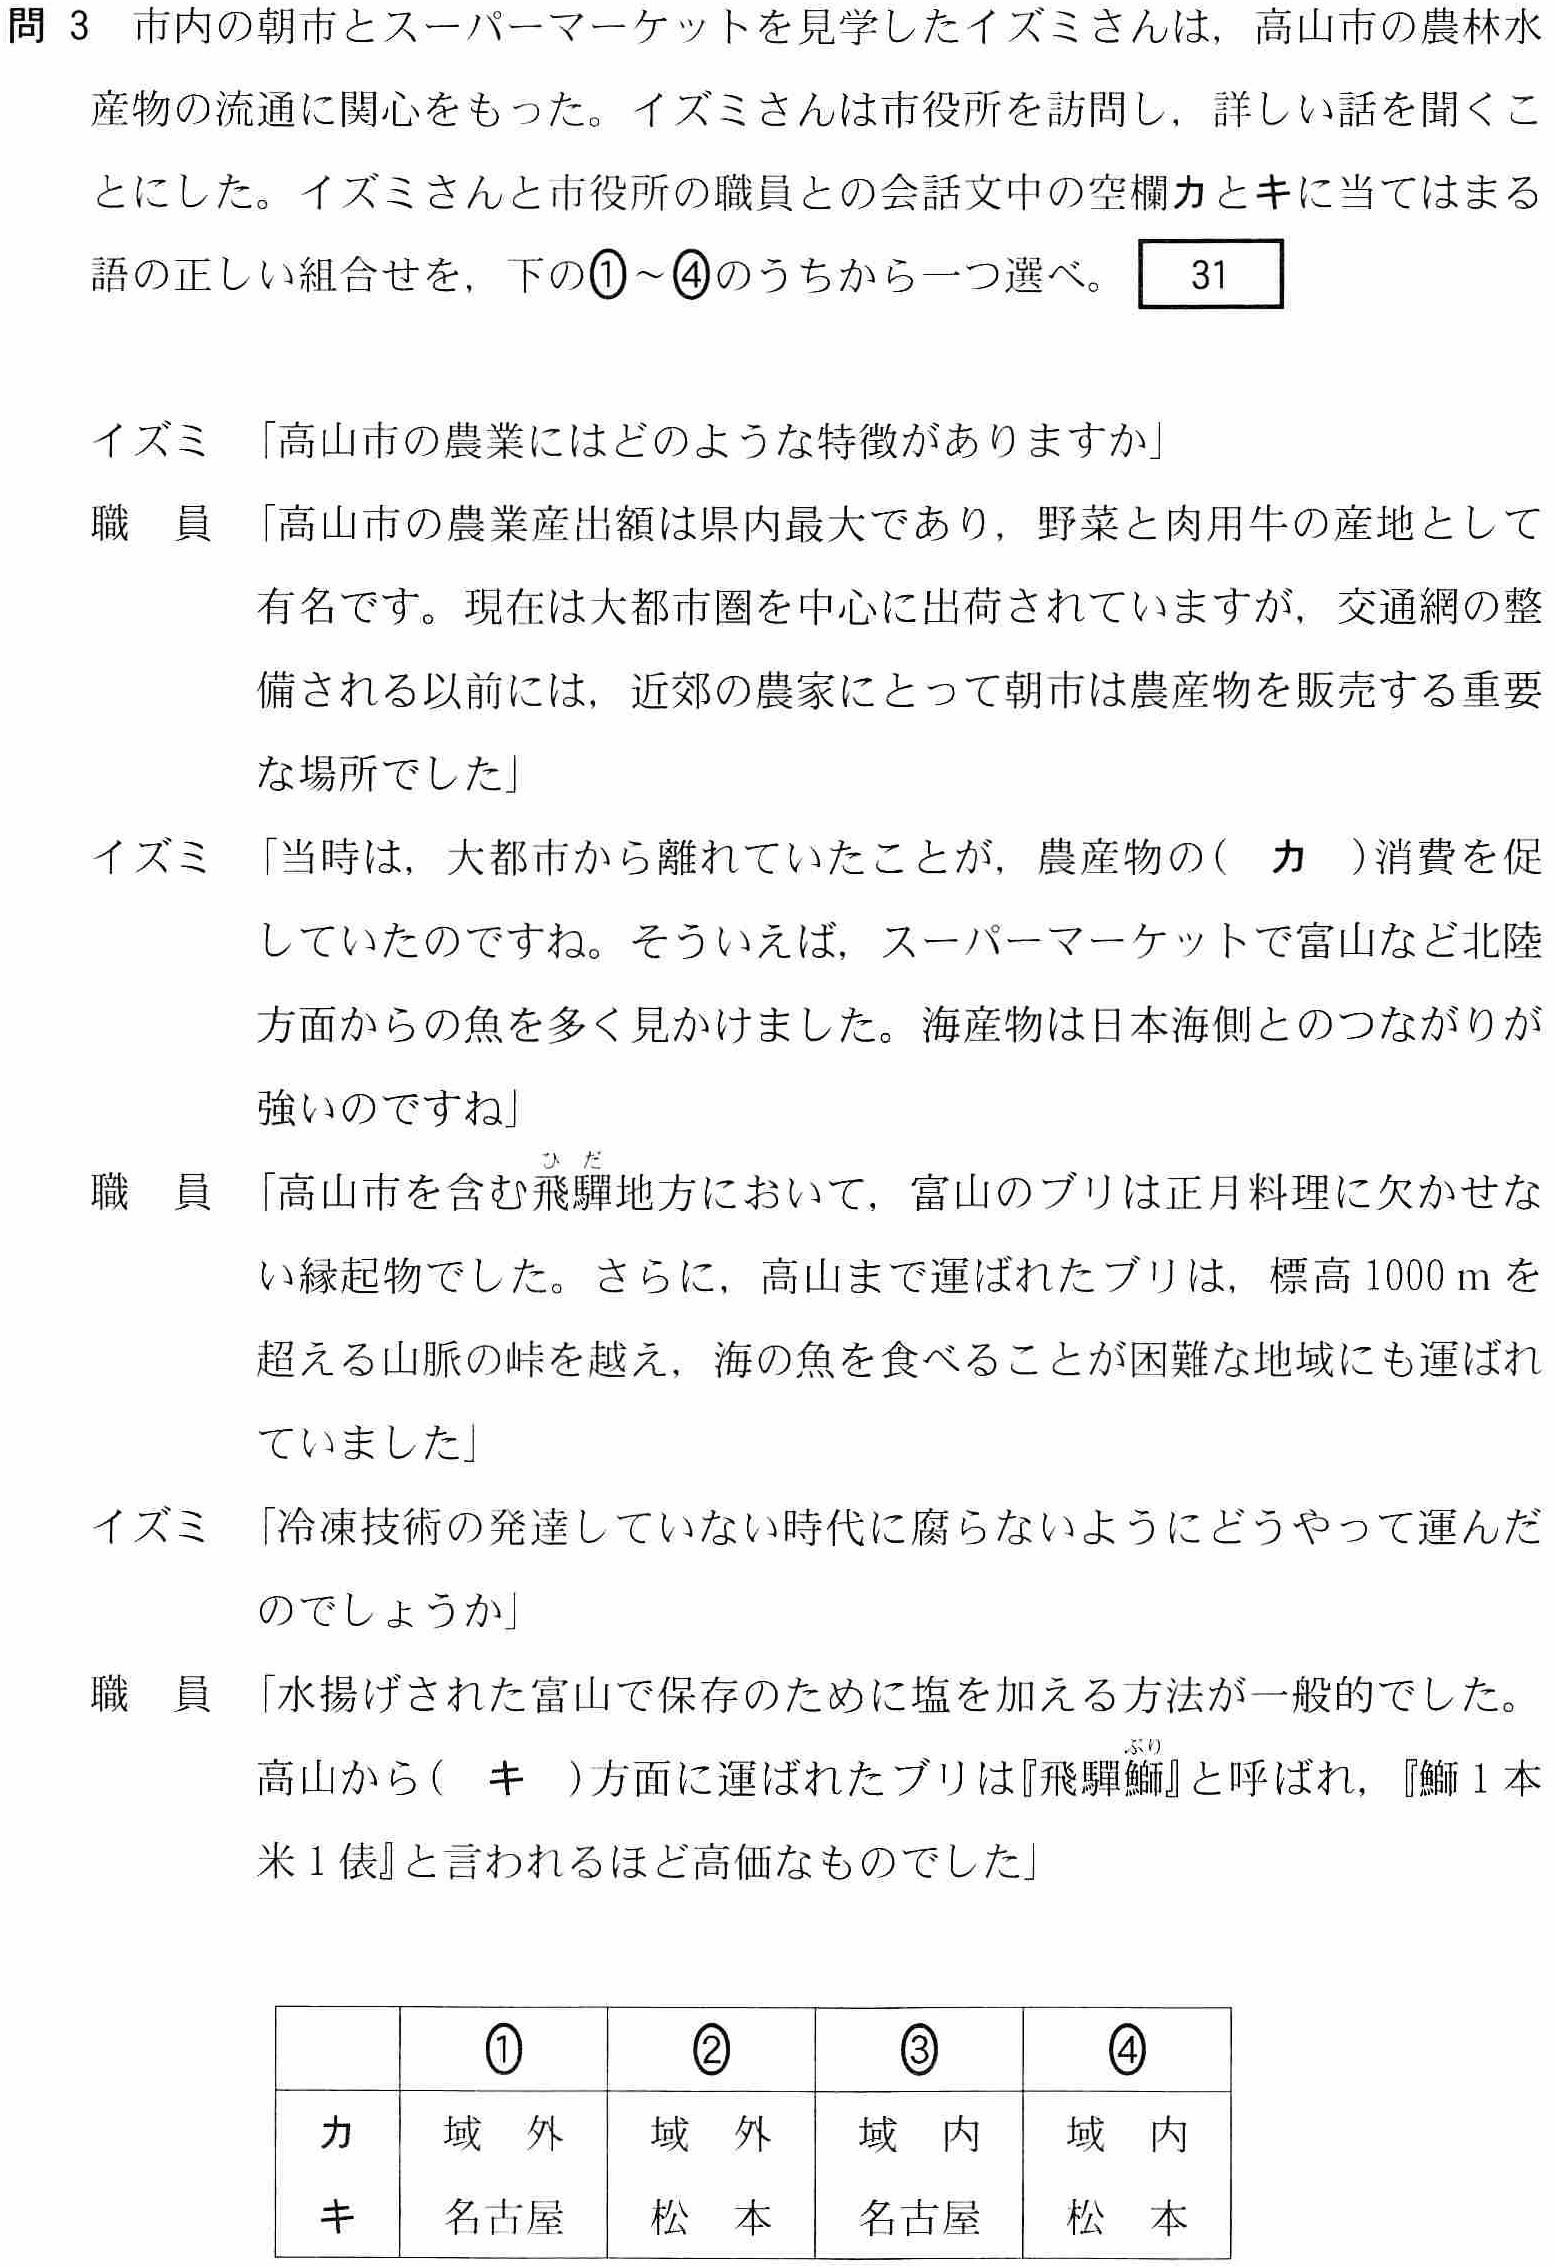 センター試験2018の富山関連問題(地理AB)4